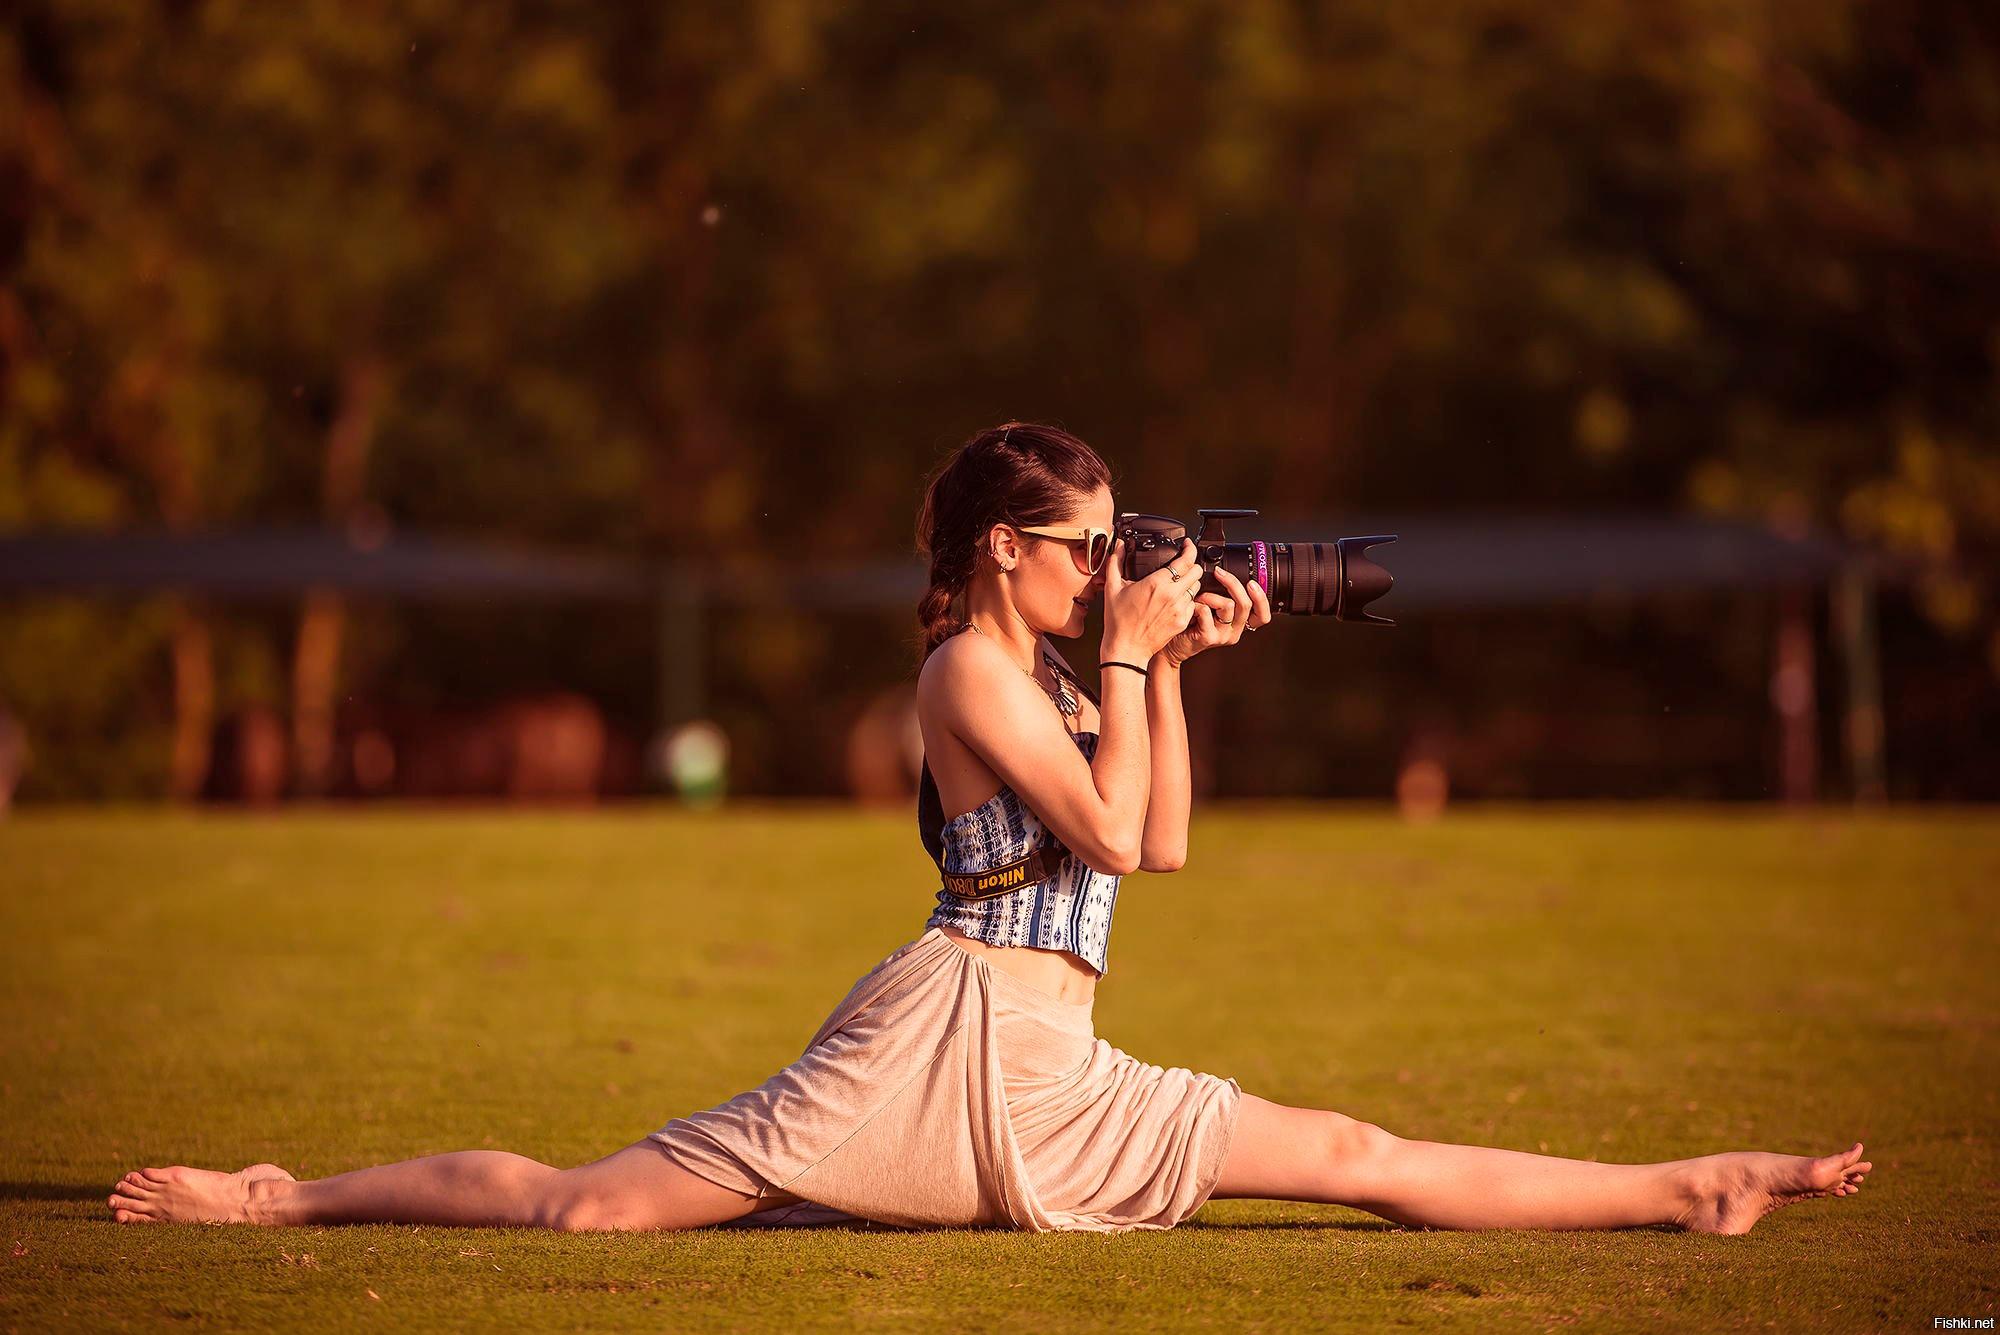 Профессиональные фото смотреть, Лучшие фотографии со всего мира (73 фото) 9 фотография